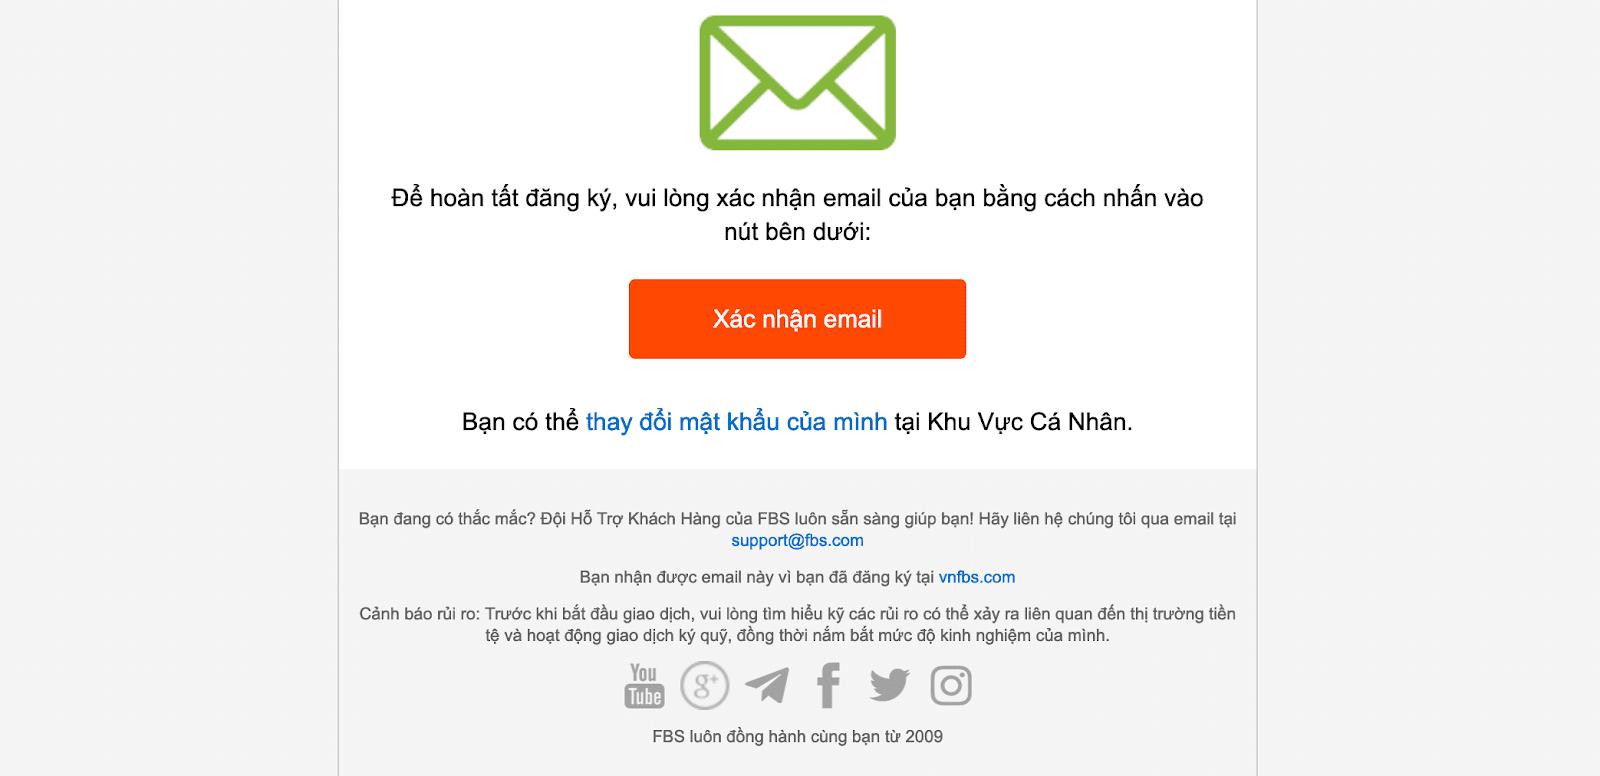 Bạn xác nhận email đăng ký tài khoản